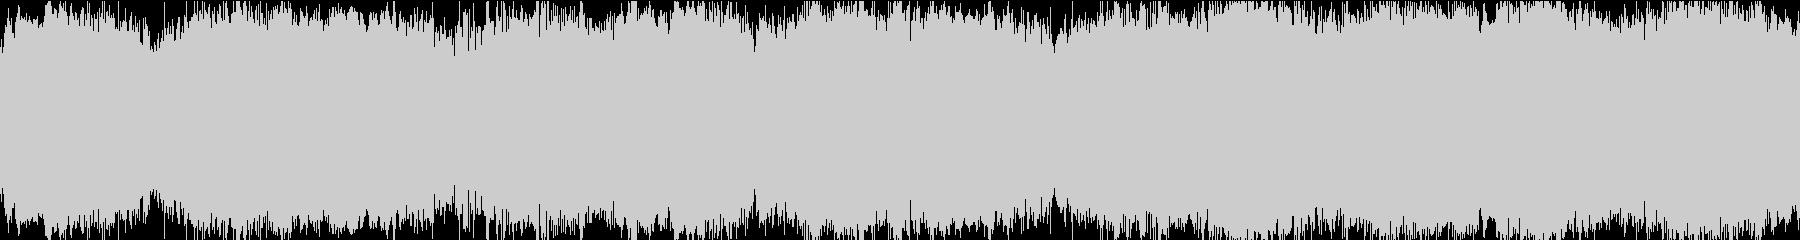 ループ対応のアンビエント・ミュージックの未再生の波形